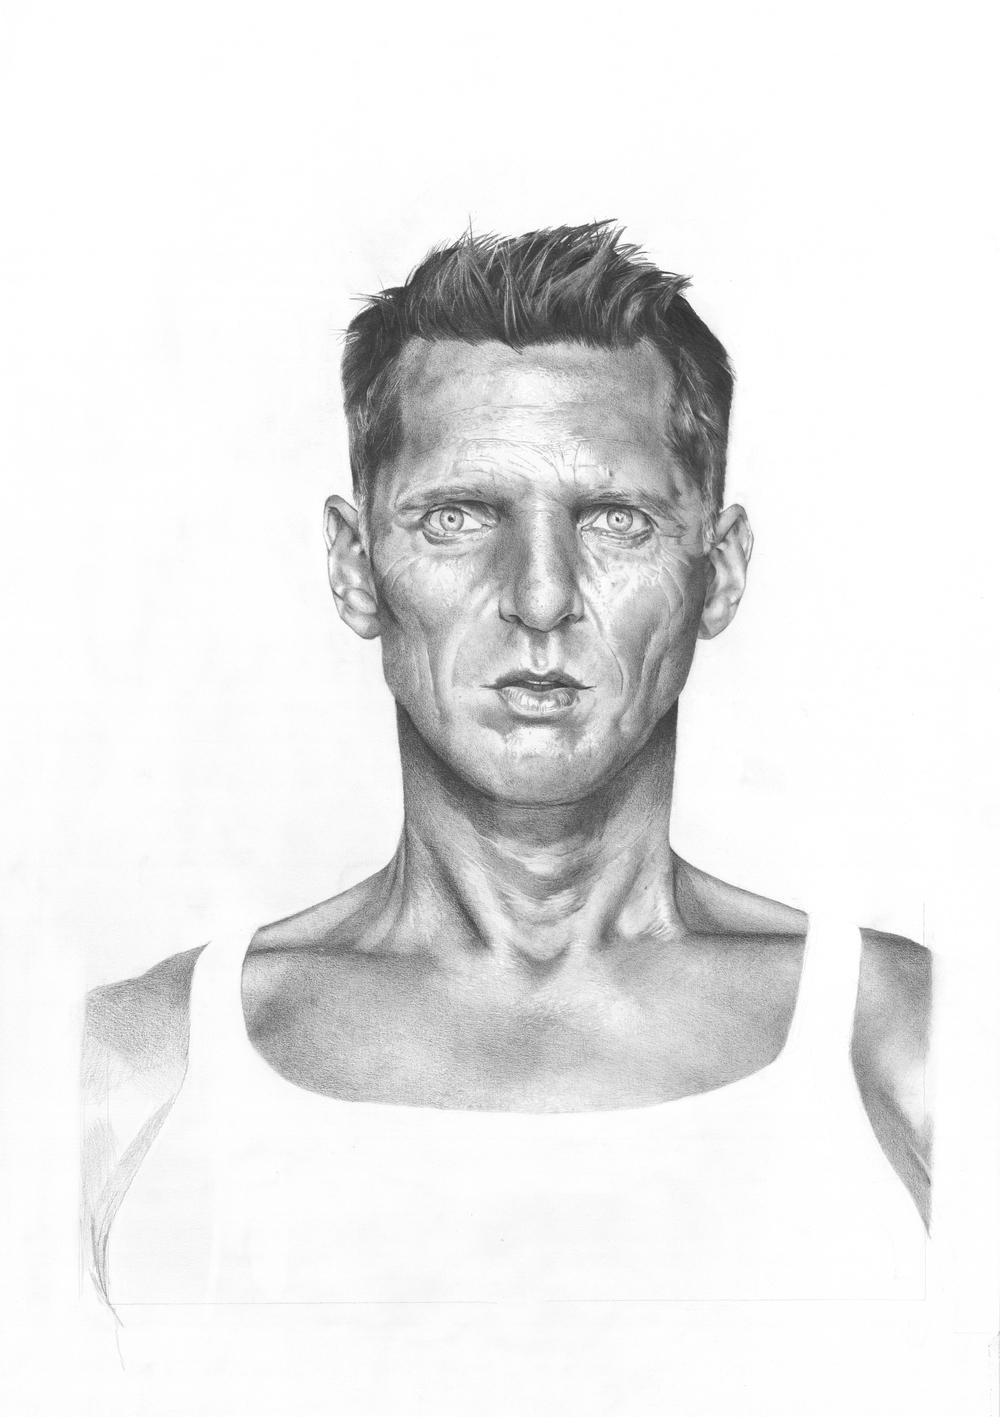 Man Artwork-42x59.5.jpg